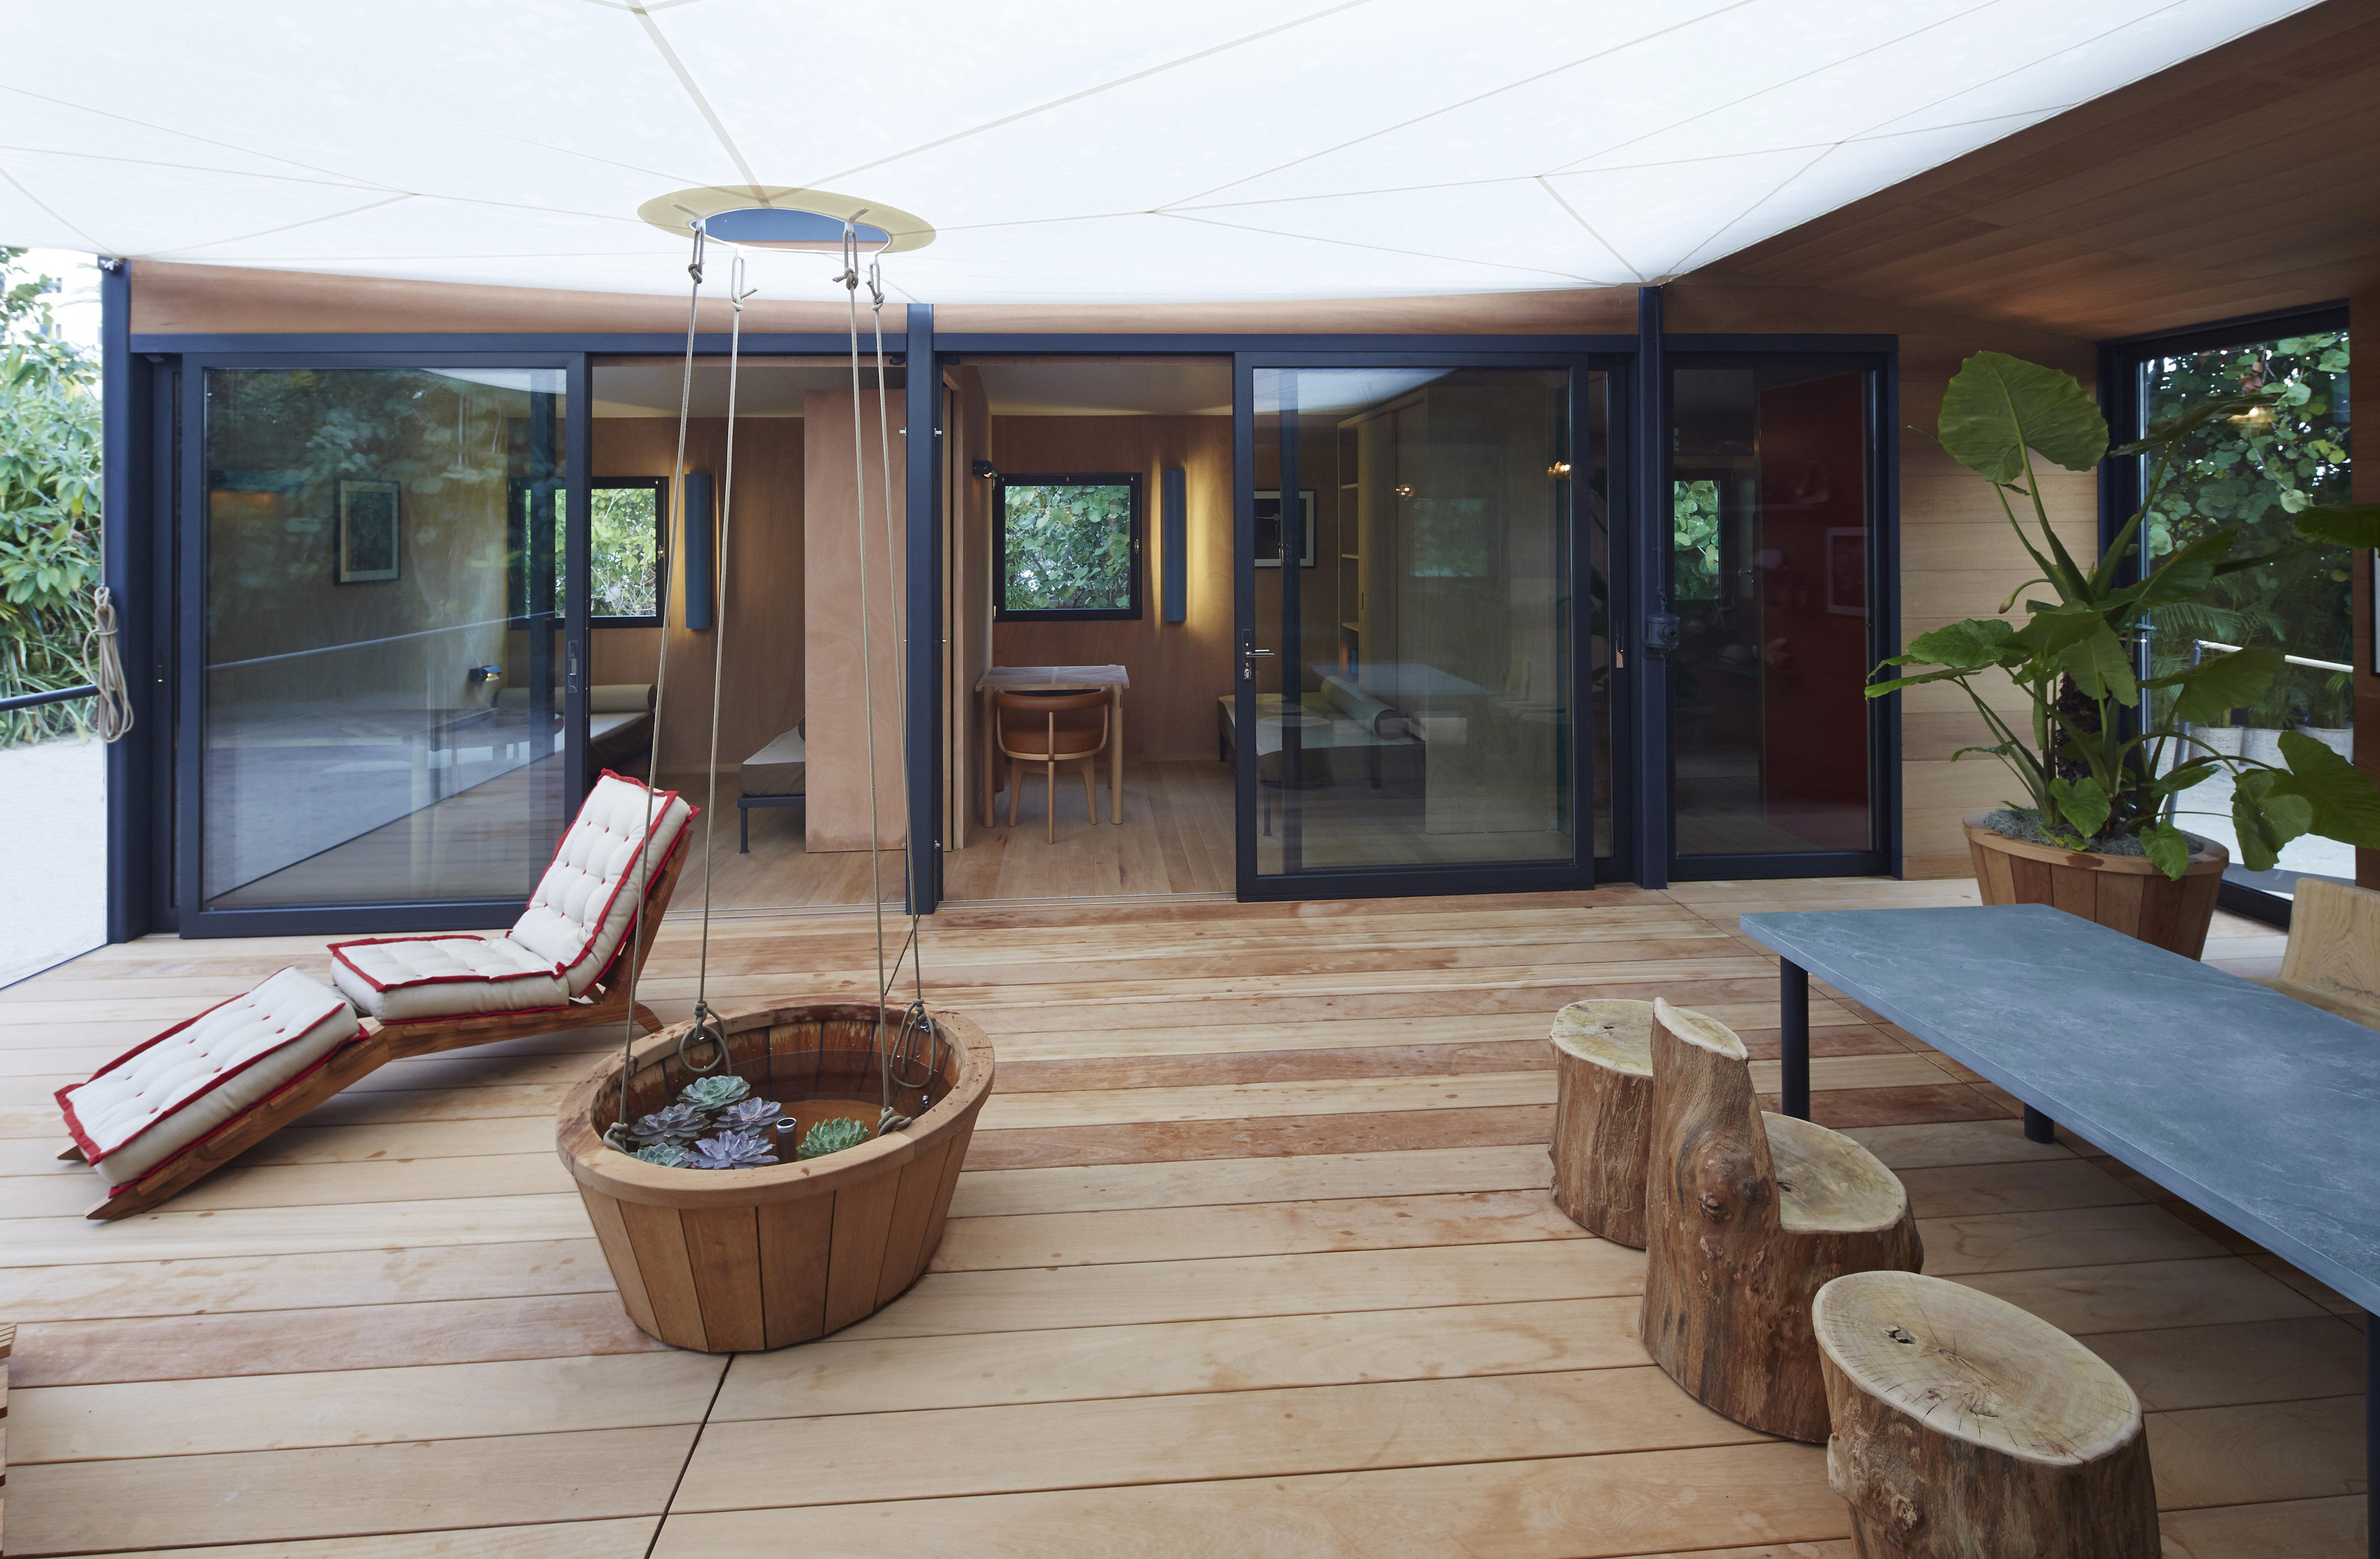 la maison au bord de l 39 eau at design miami. Black Bedroom Furniture Sets. Home Design Ideas